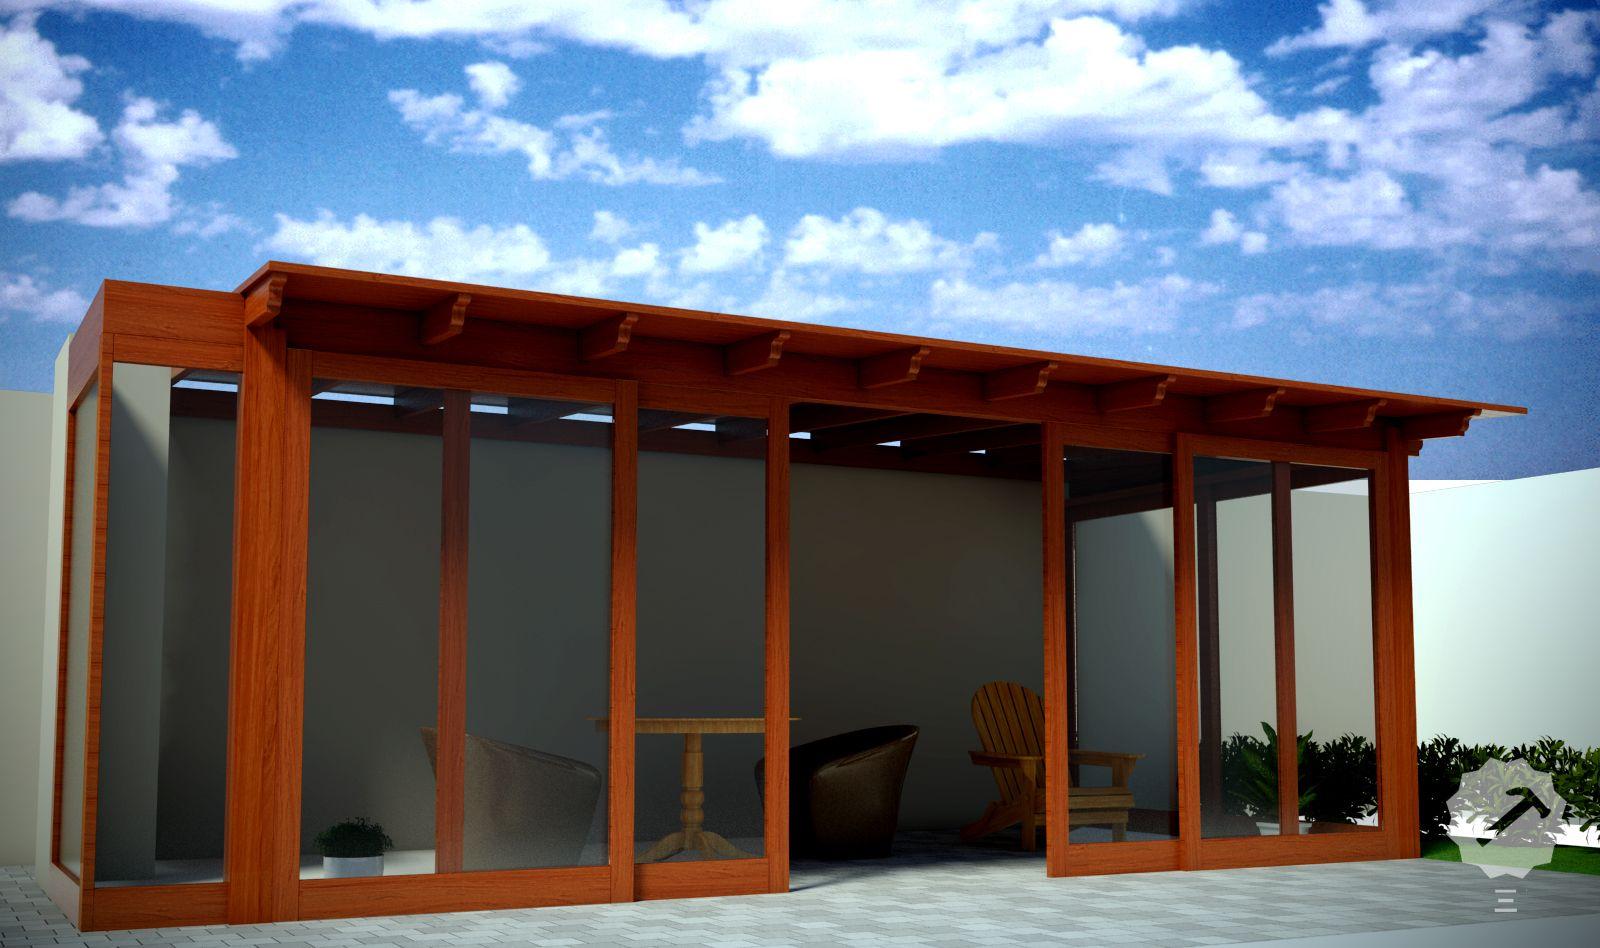 Techo terraza m s mamparas de vidrio con marco de madera for Disenos de terrazas de madera